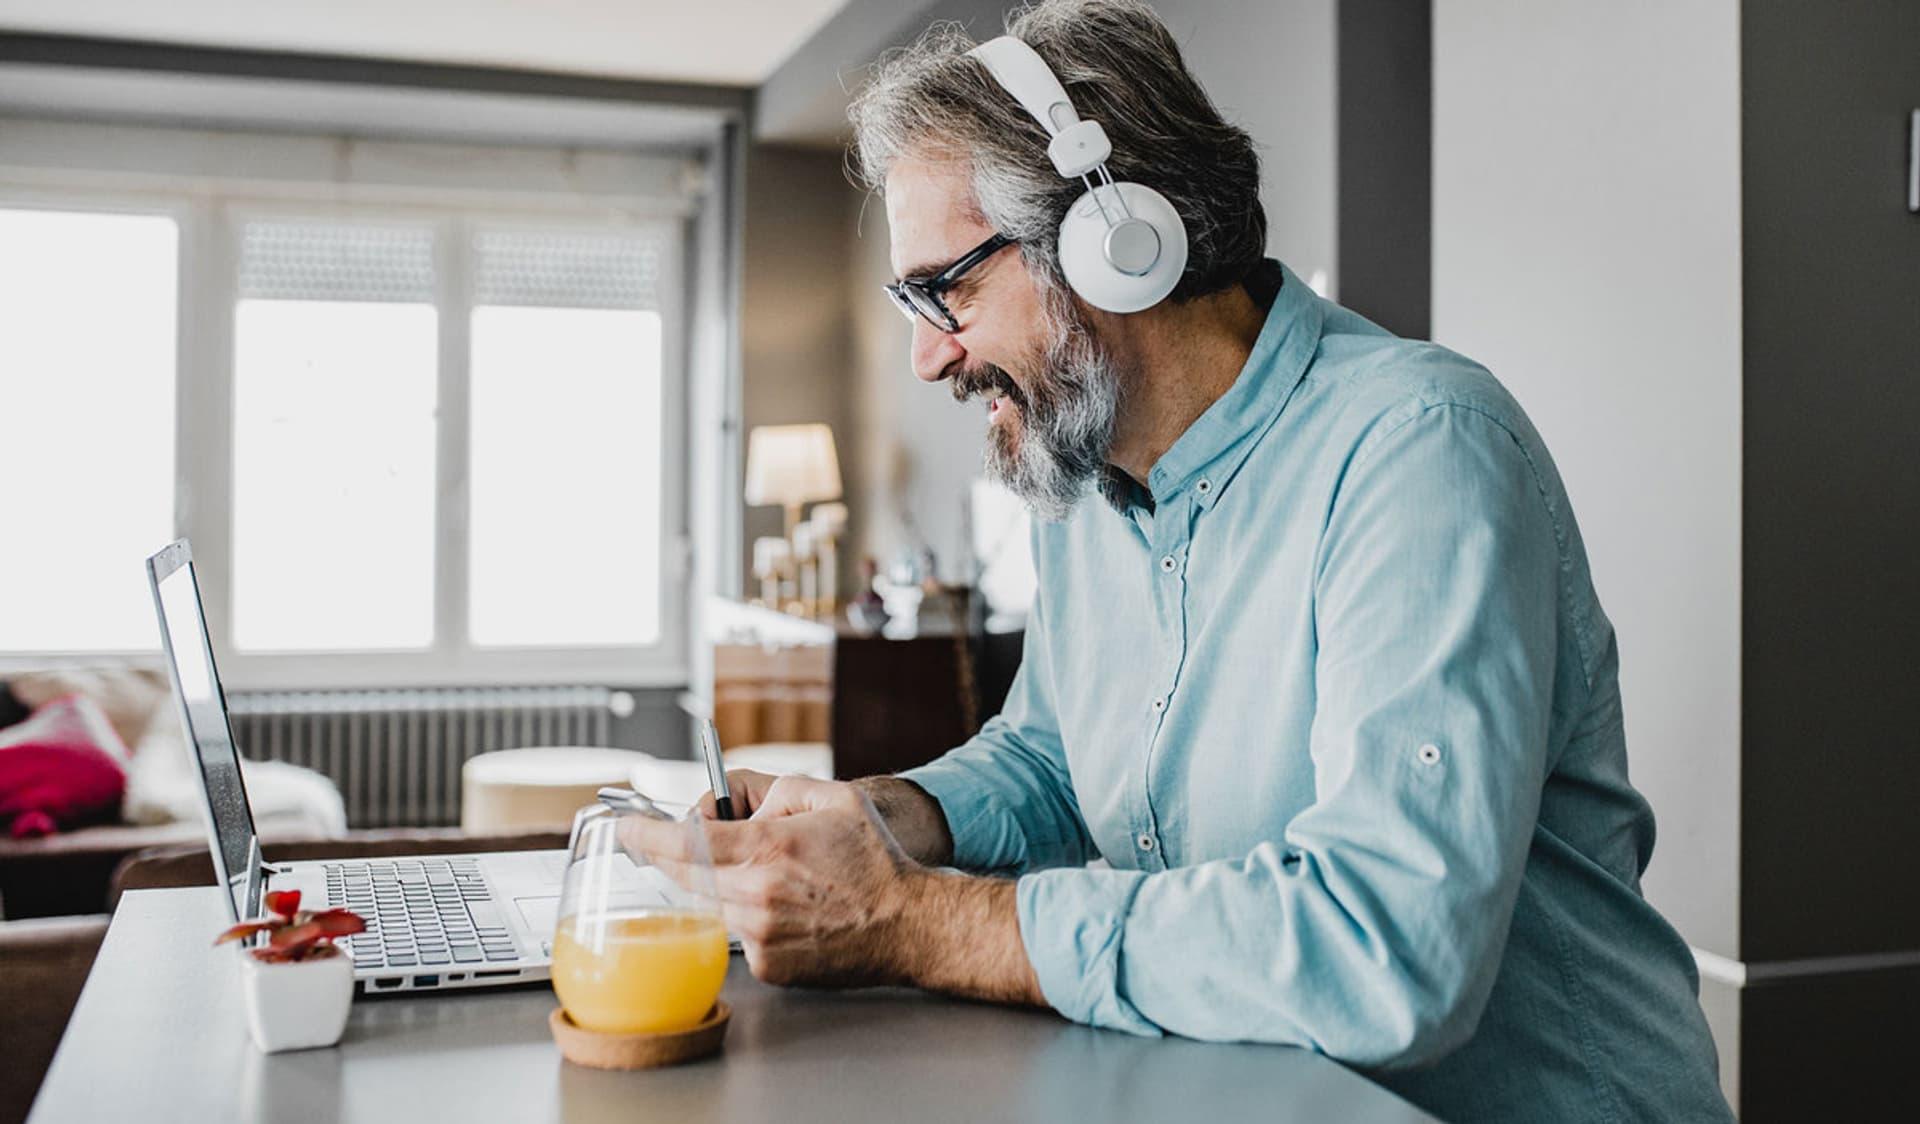 Ein lächelnder Mann mit Kopfhörern sitzt mit einem Glas Orangensaft am Computer.